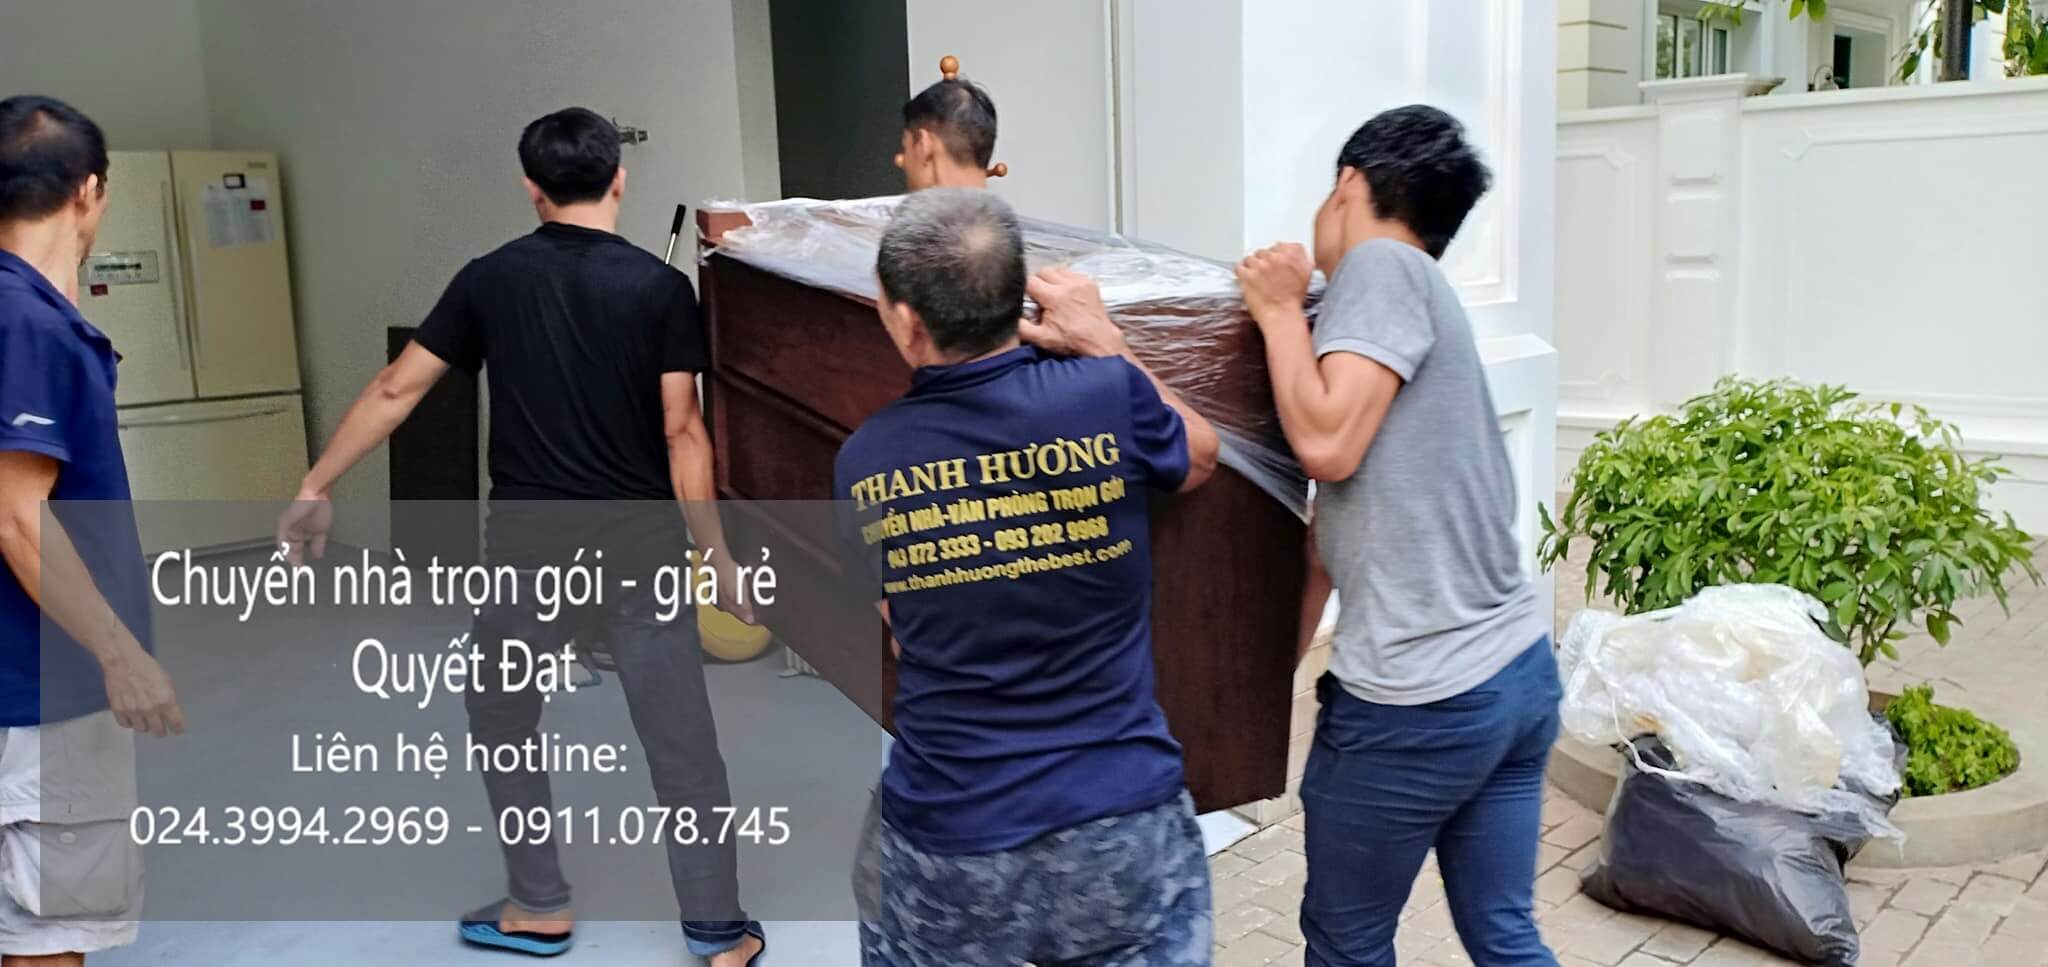 Dịch vụ chuyển nhà trọn gói Quyết Đạt tại phố Cổ Tân